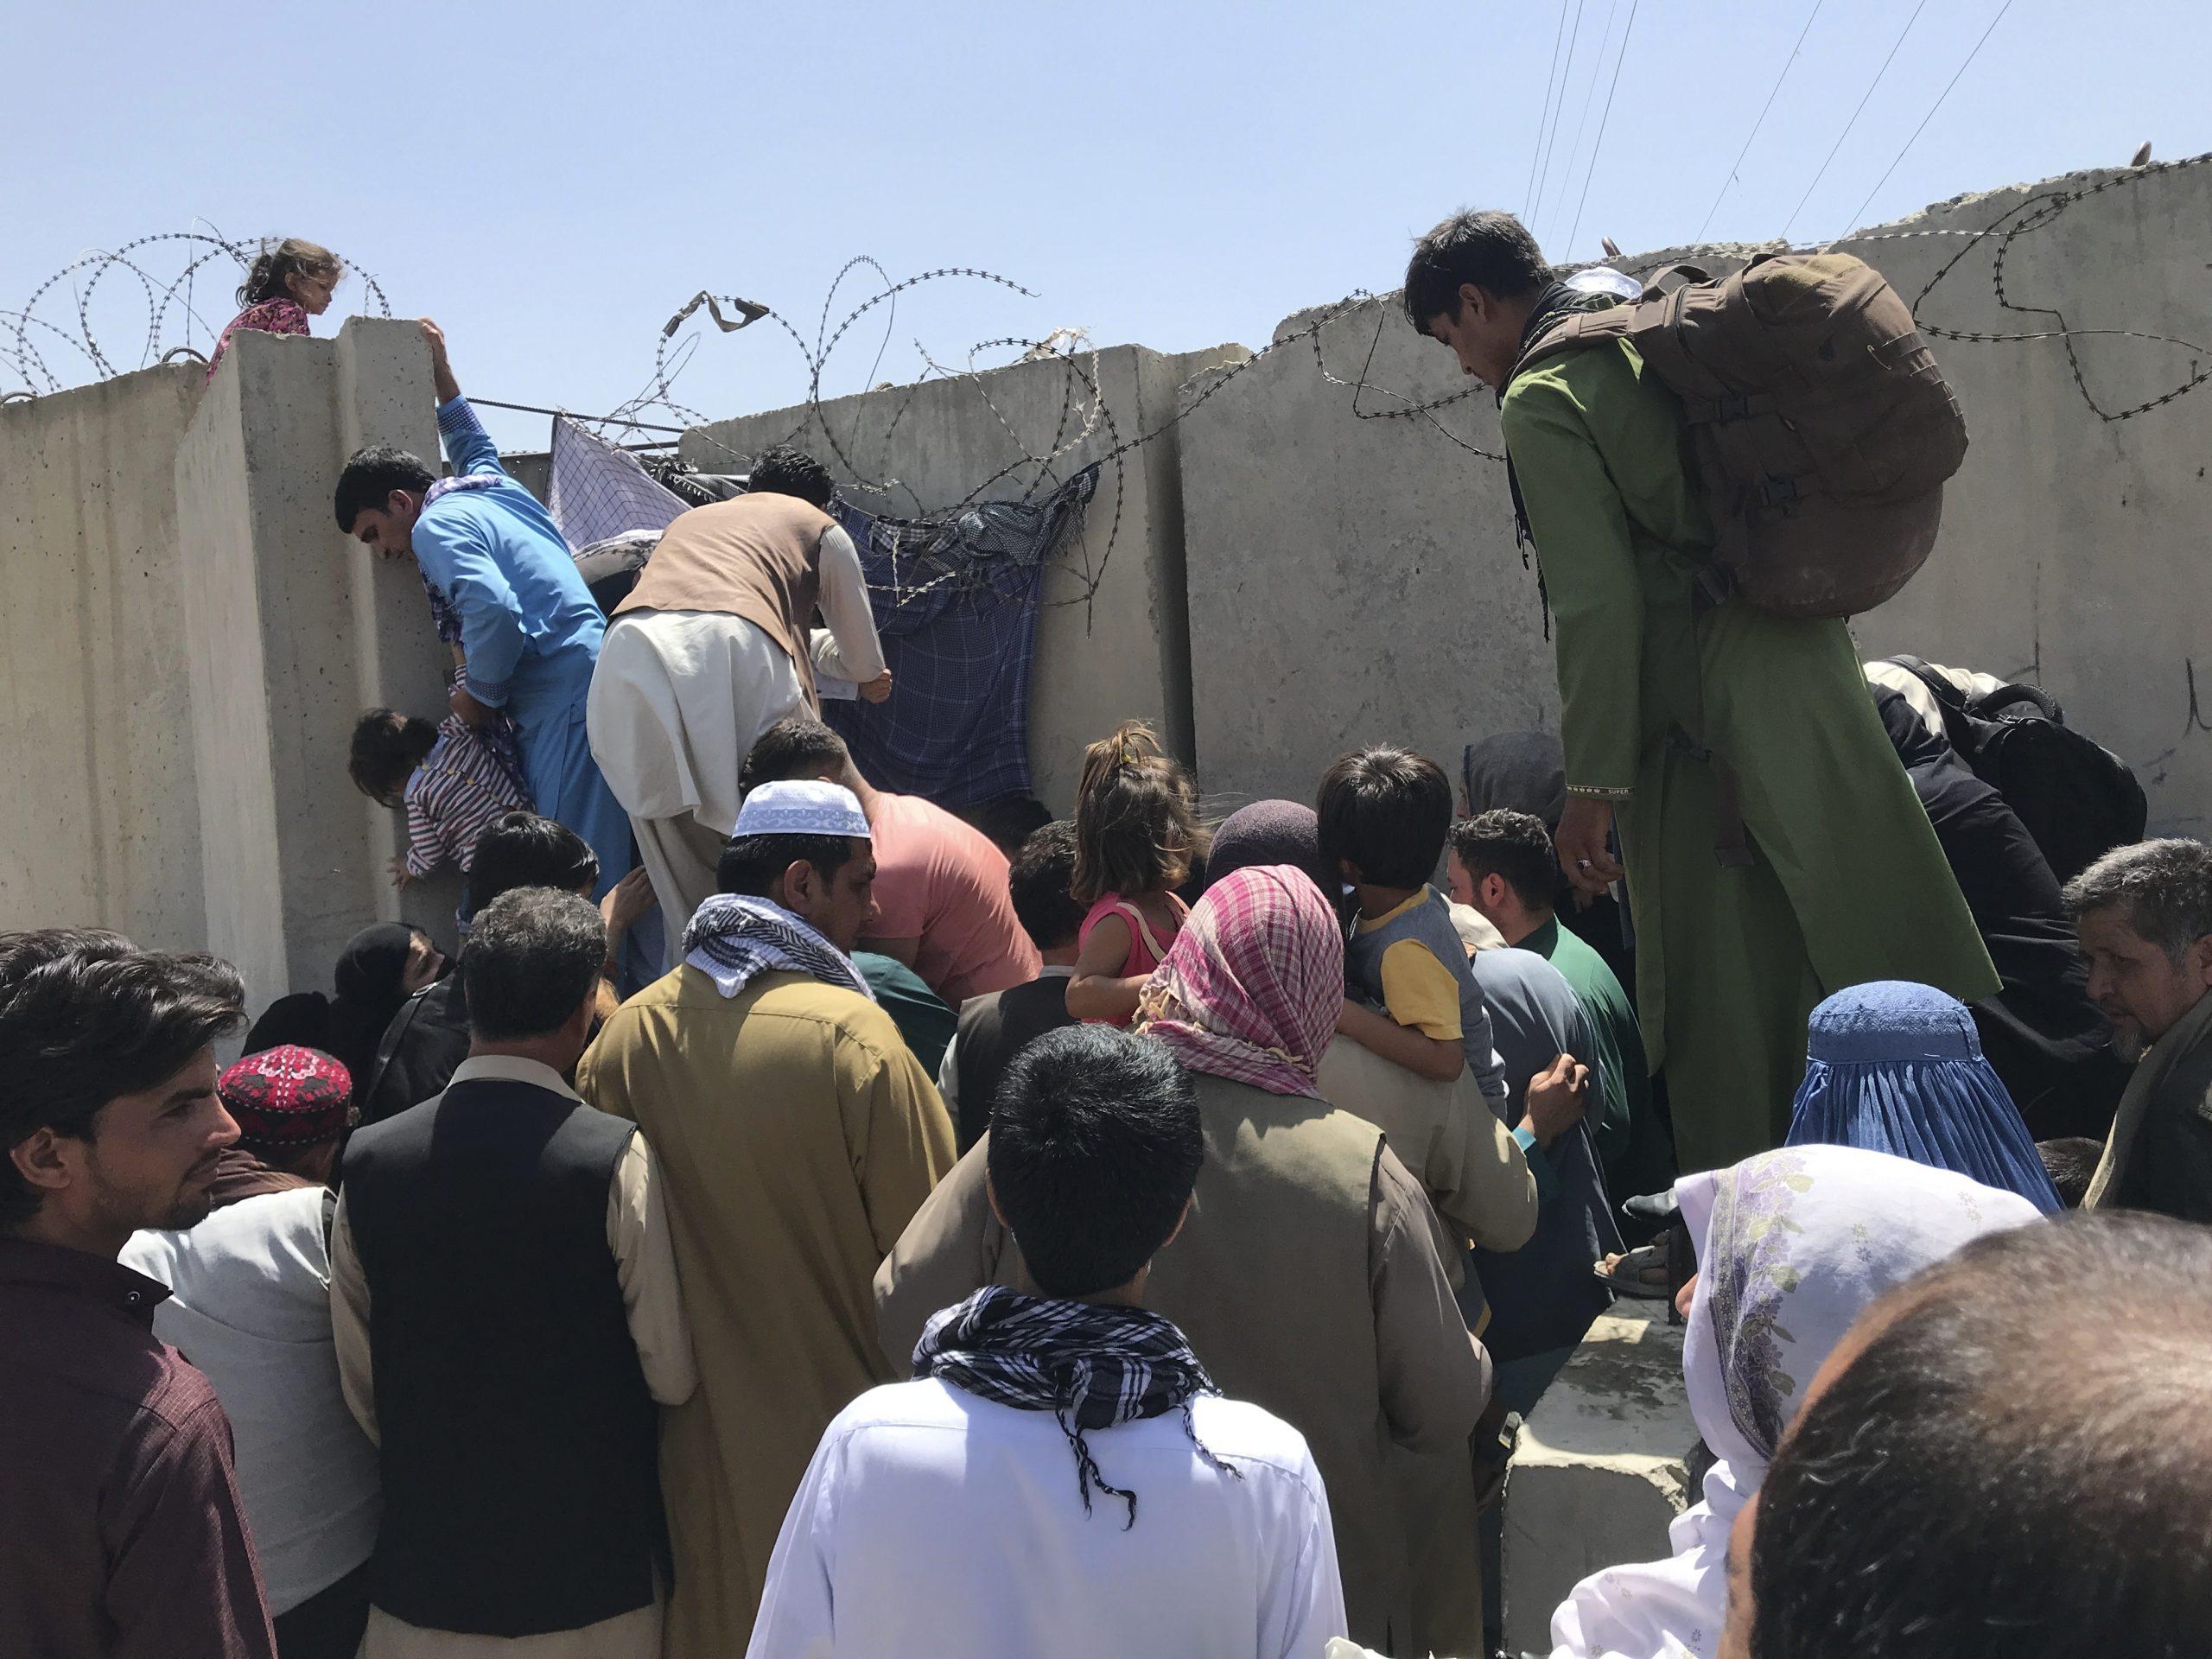 混乱のアフガニスタン、 ネット上で救済活動が活発化